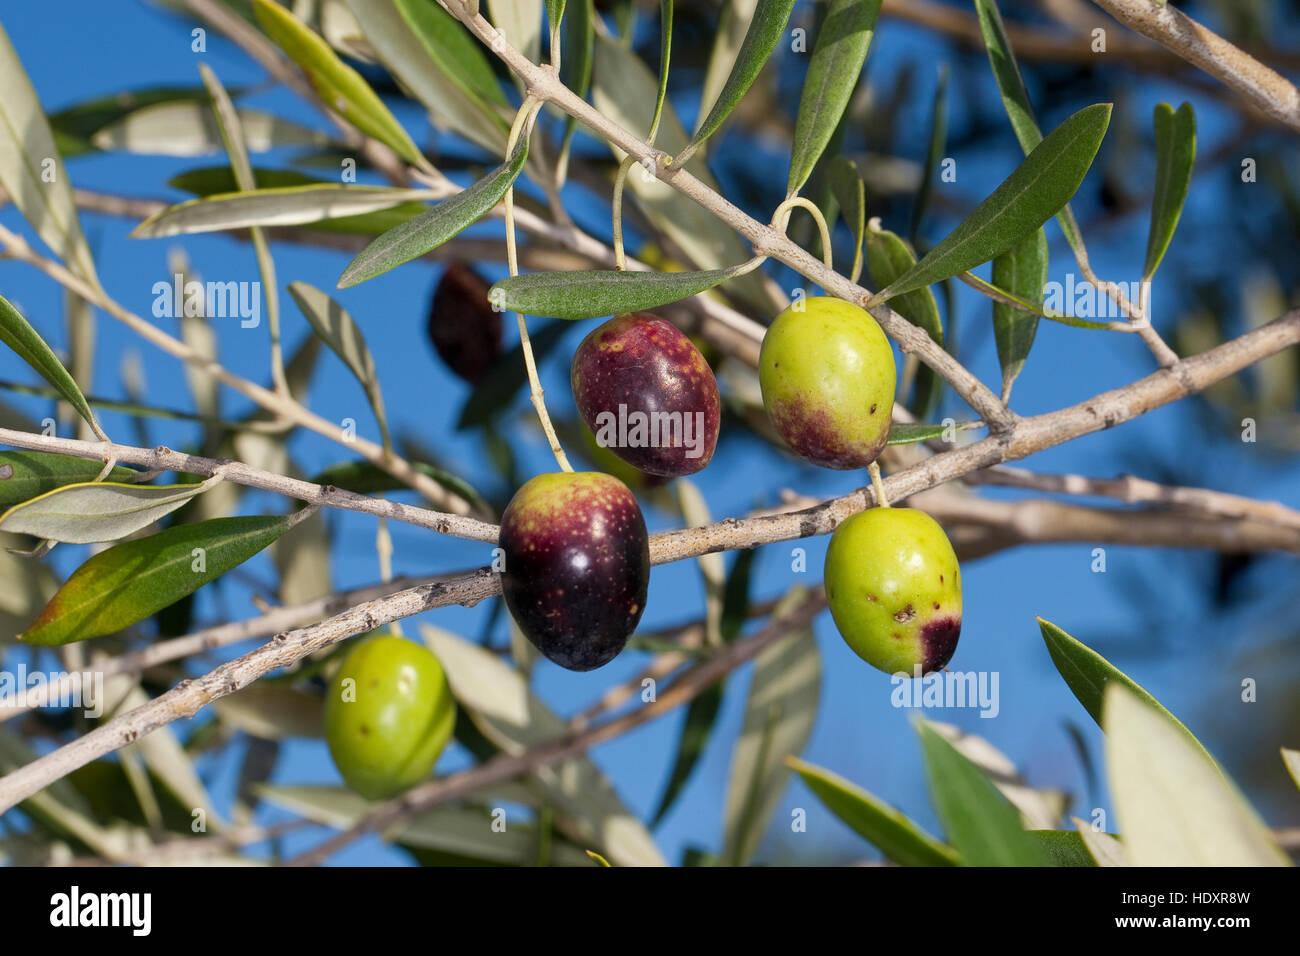 Prächtig Olivenöl, Oliven, Früchte bin Baum, Ölbaum, Olea Europaea #DL_56